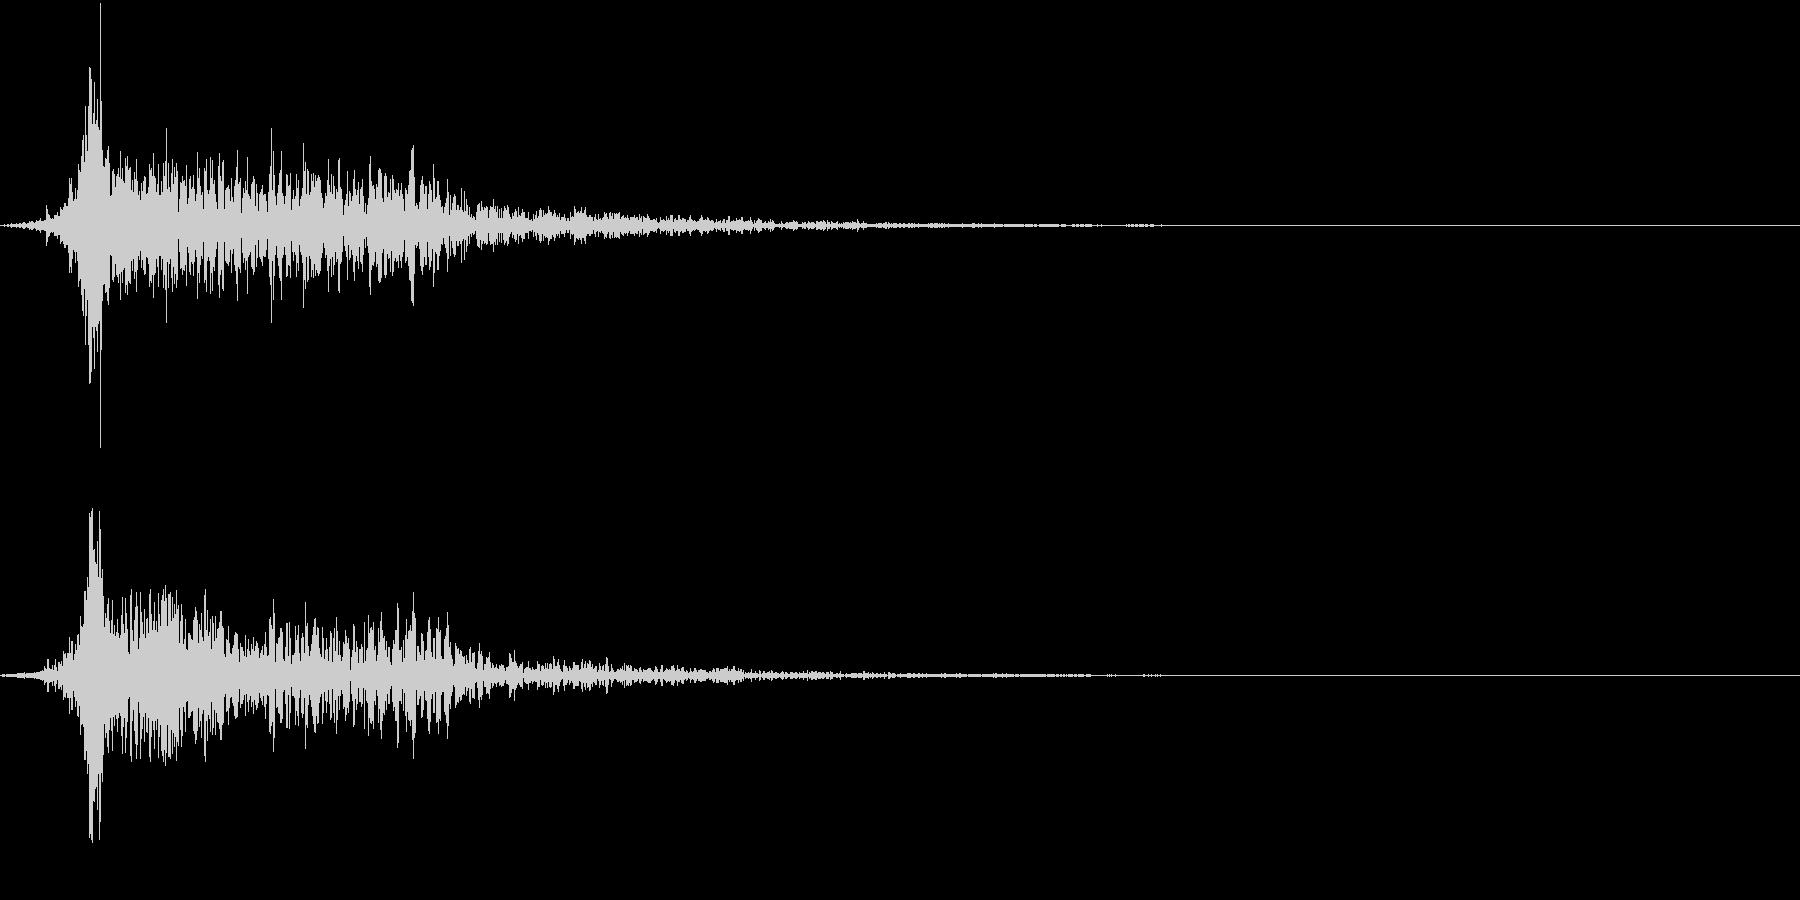 ホラー 衝撃 ドーン 驚き びっくり 2の未再生の波形